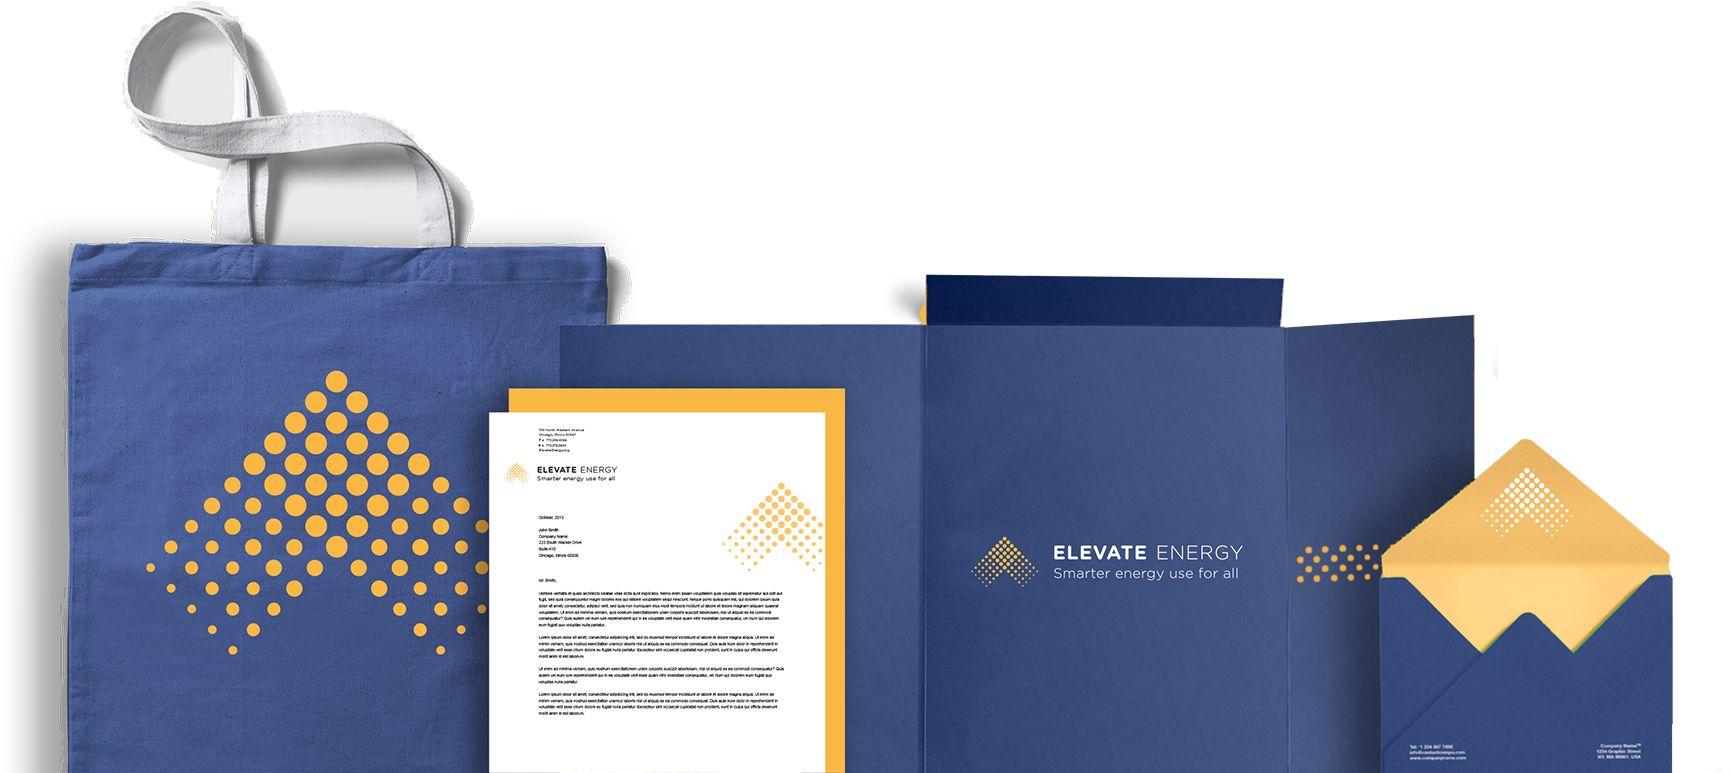 Elevate Energy merchandise